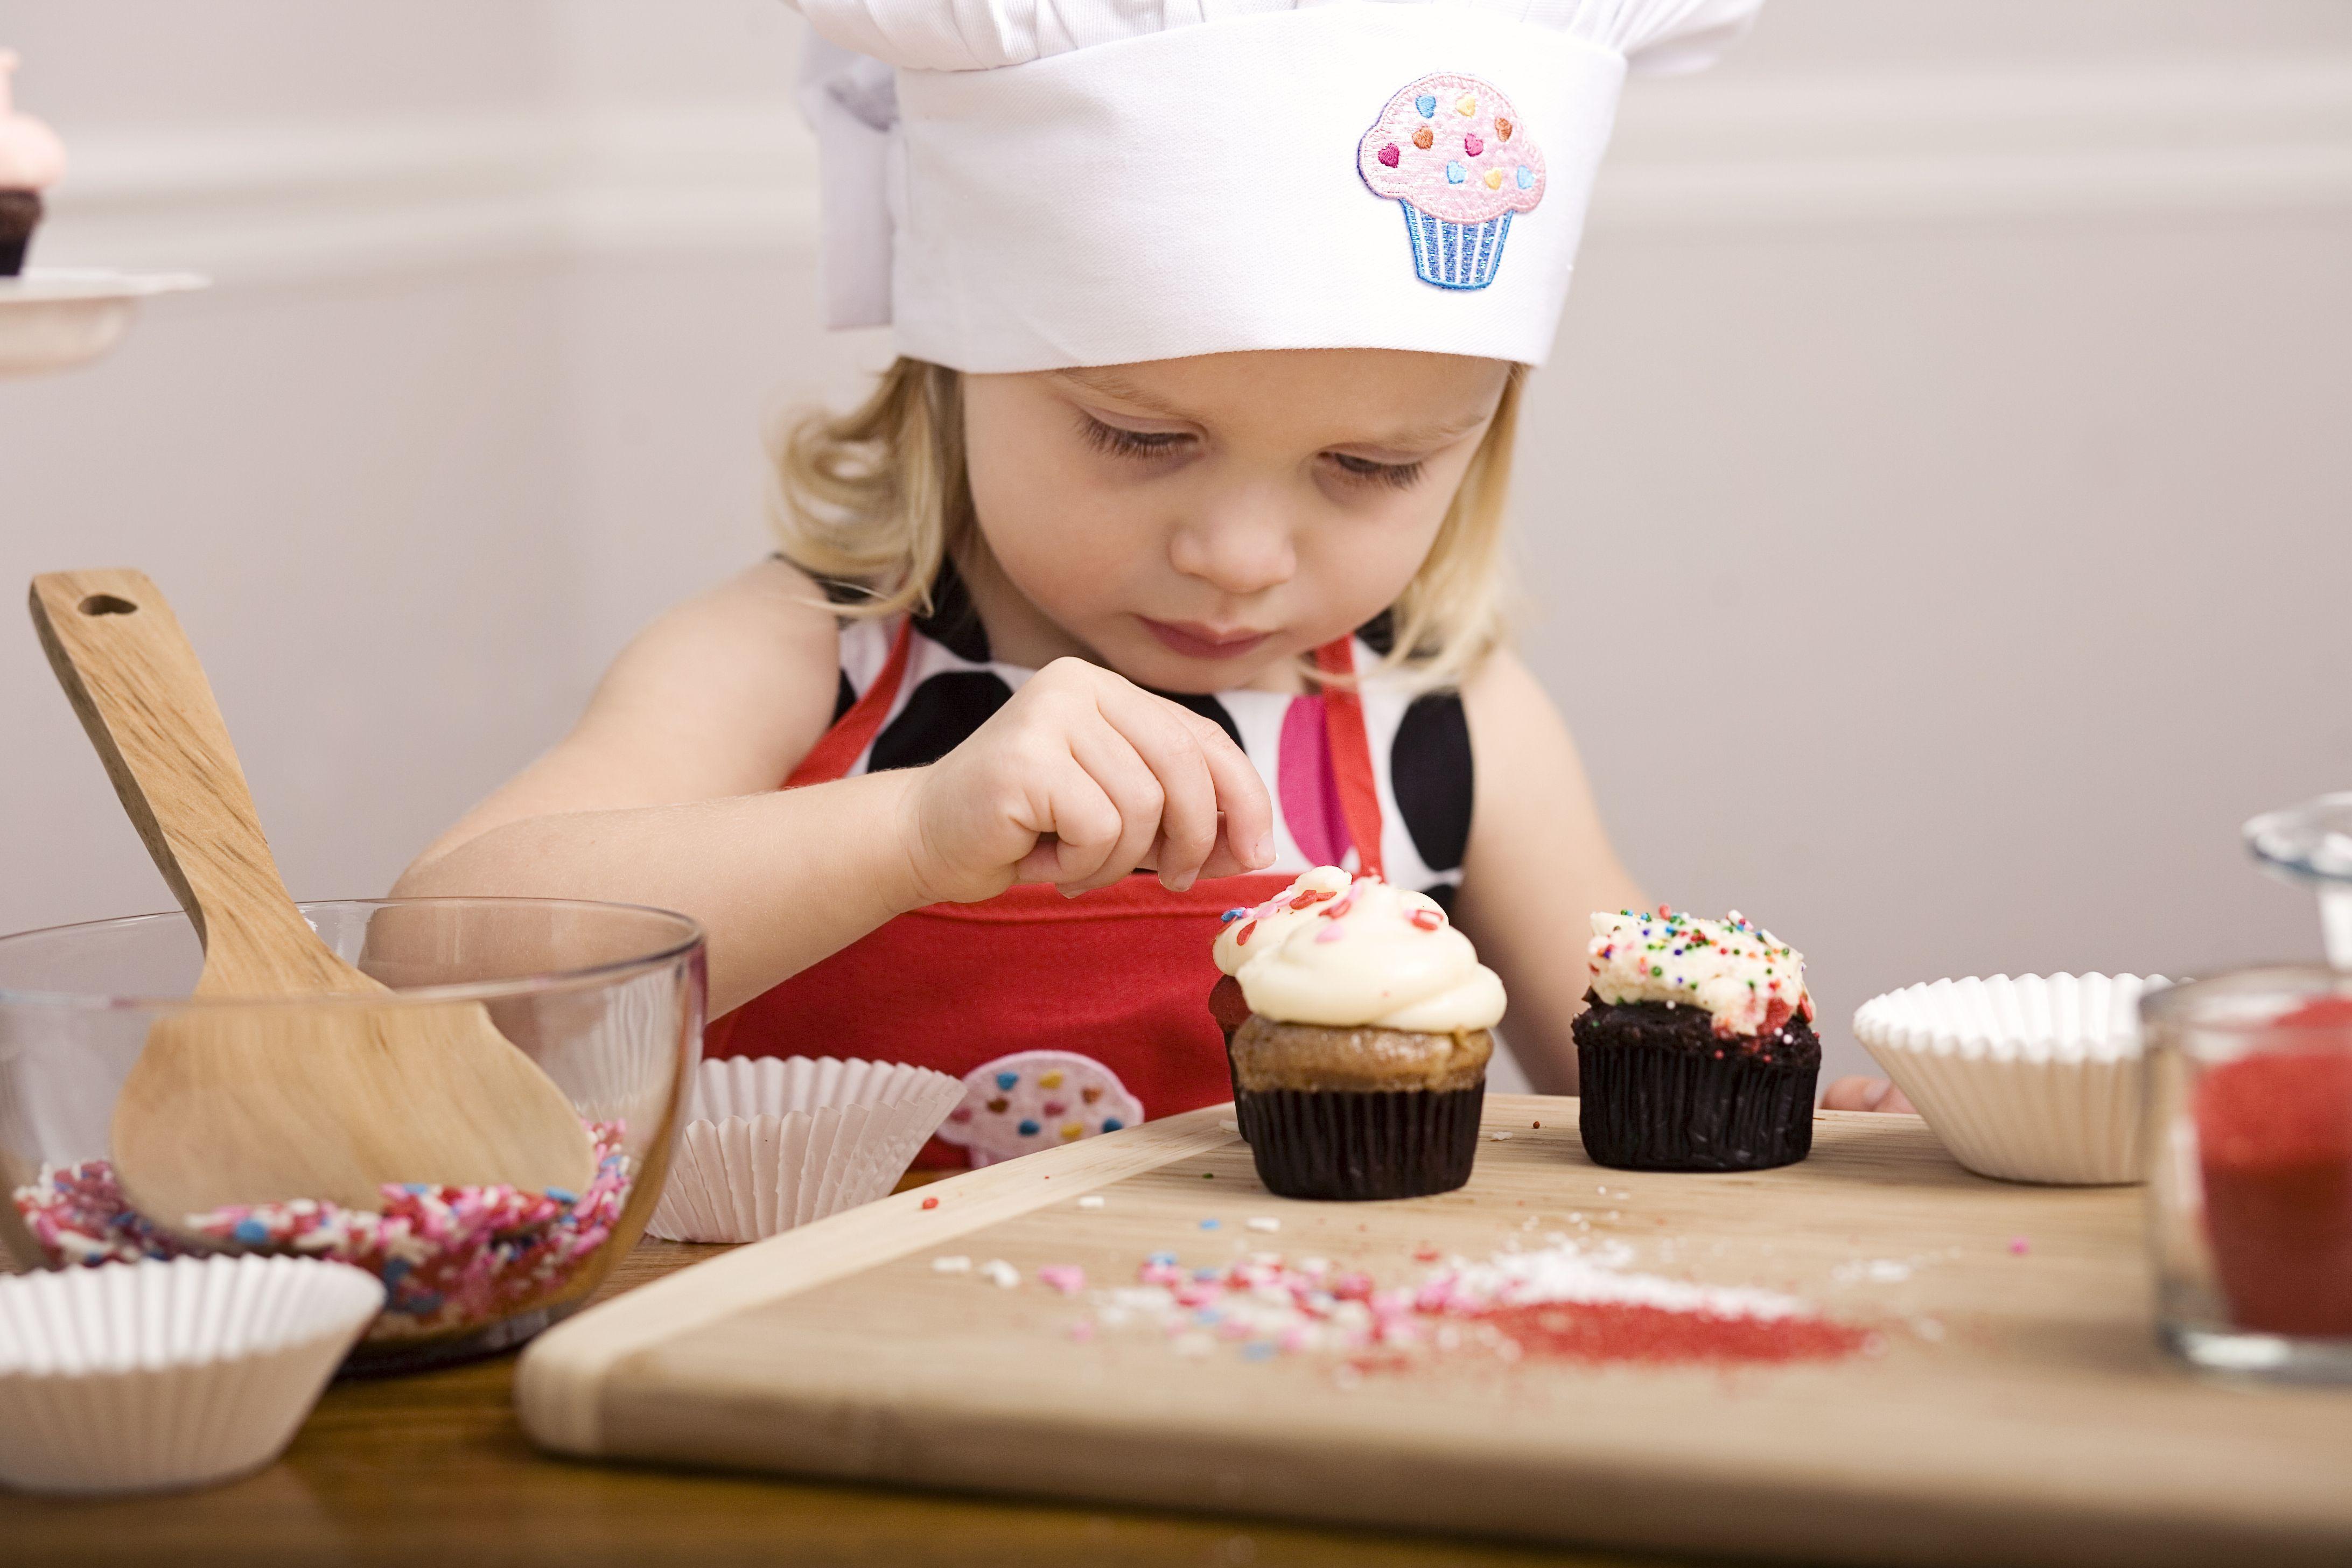 Épinglé Sur Goûter / Recettes Pour Enfants / Activités dedans Cuisiner Avec Des Enfants